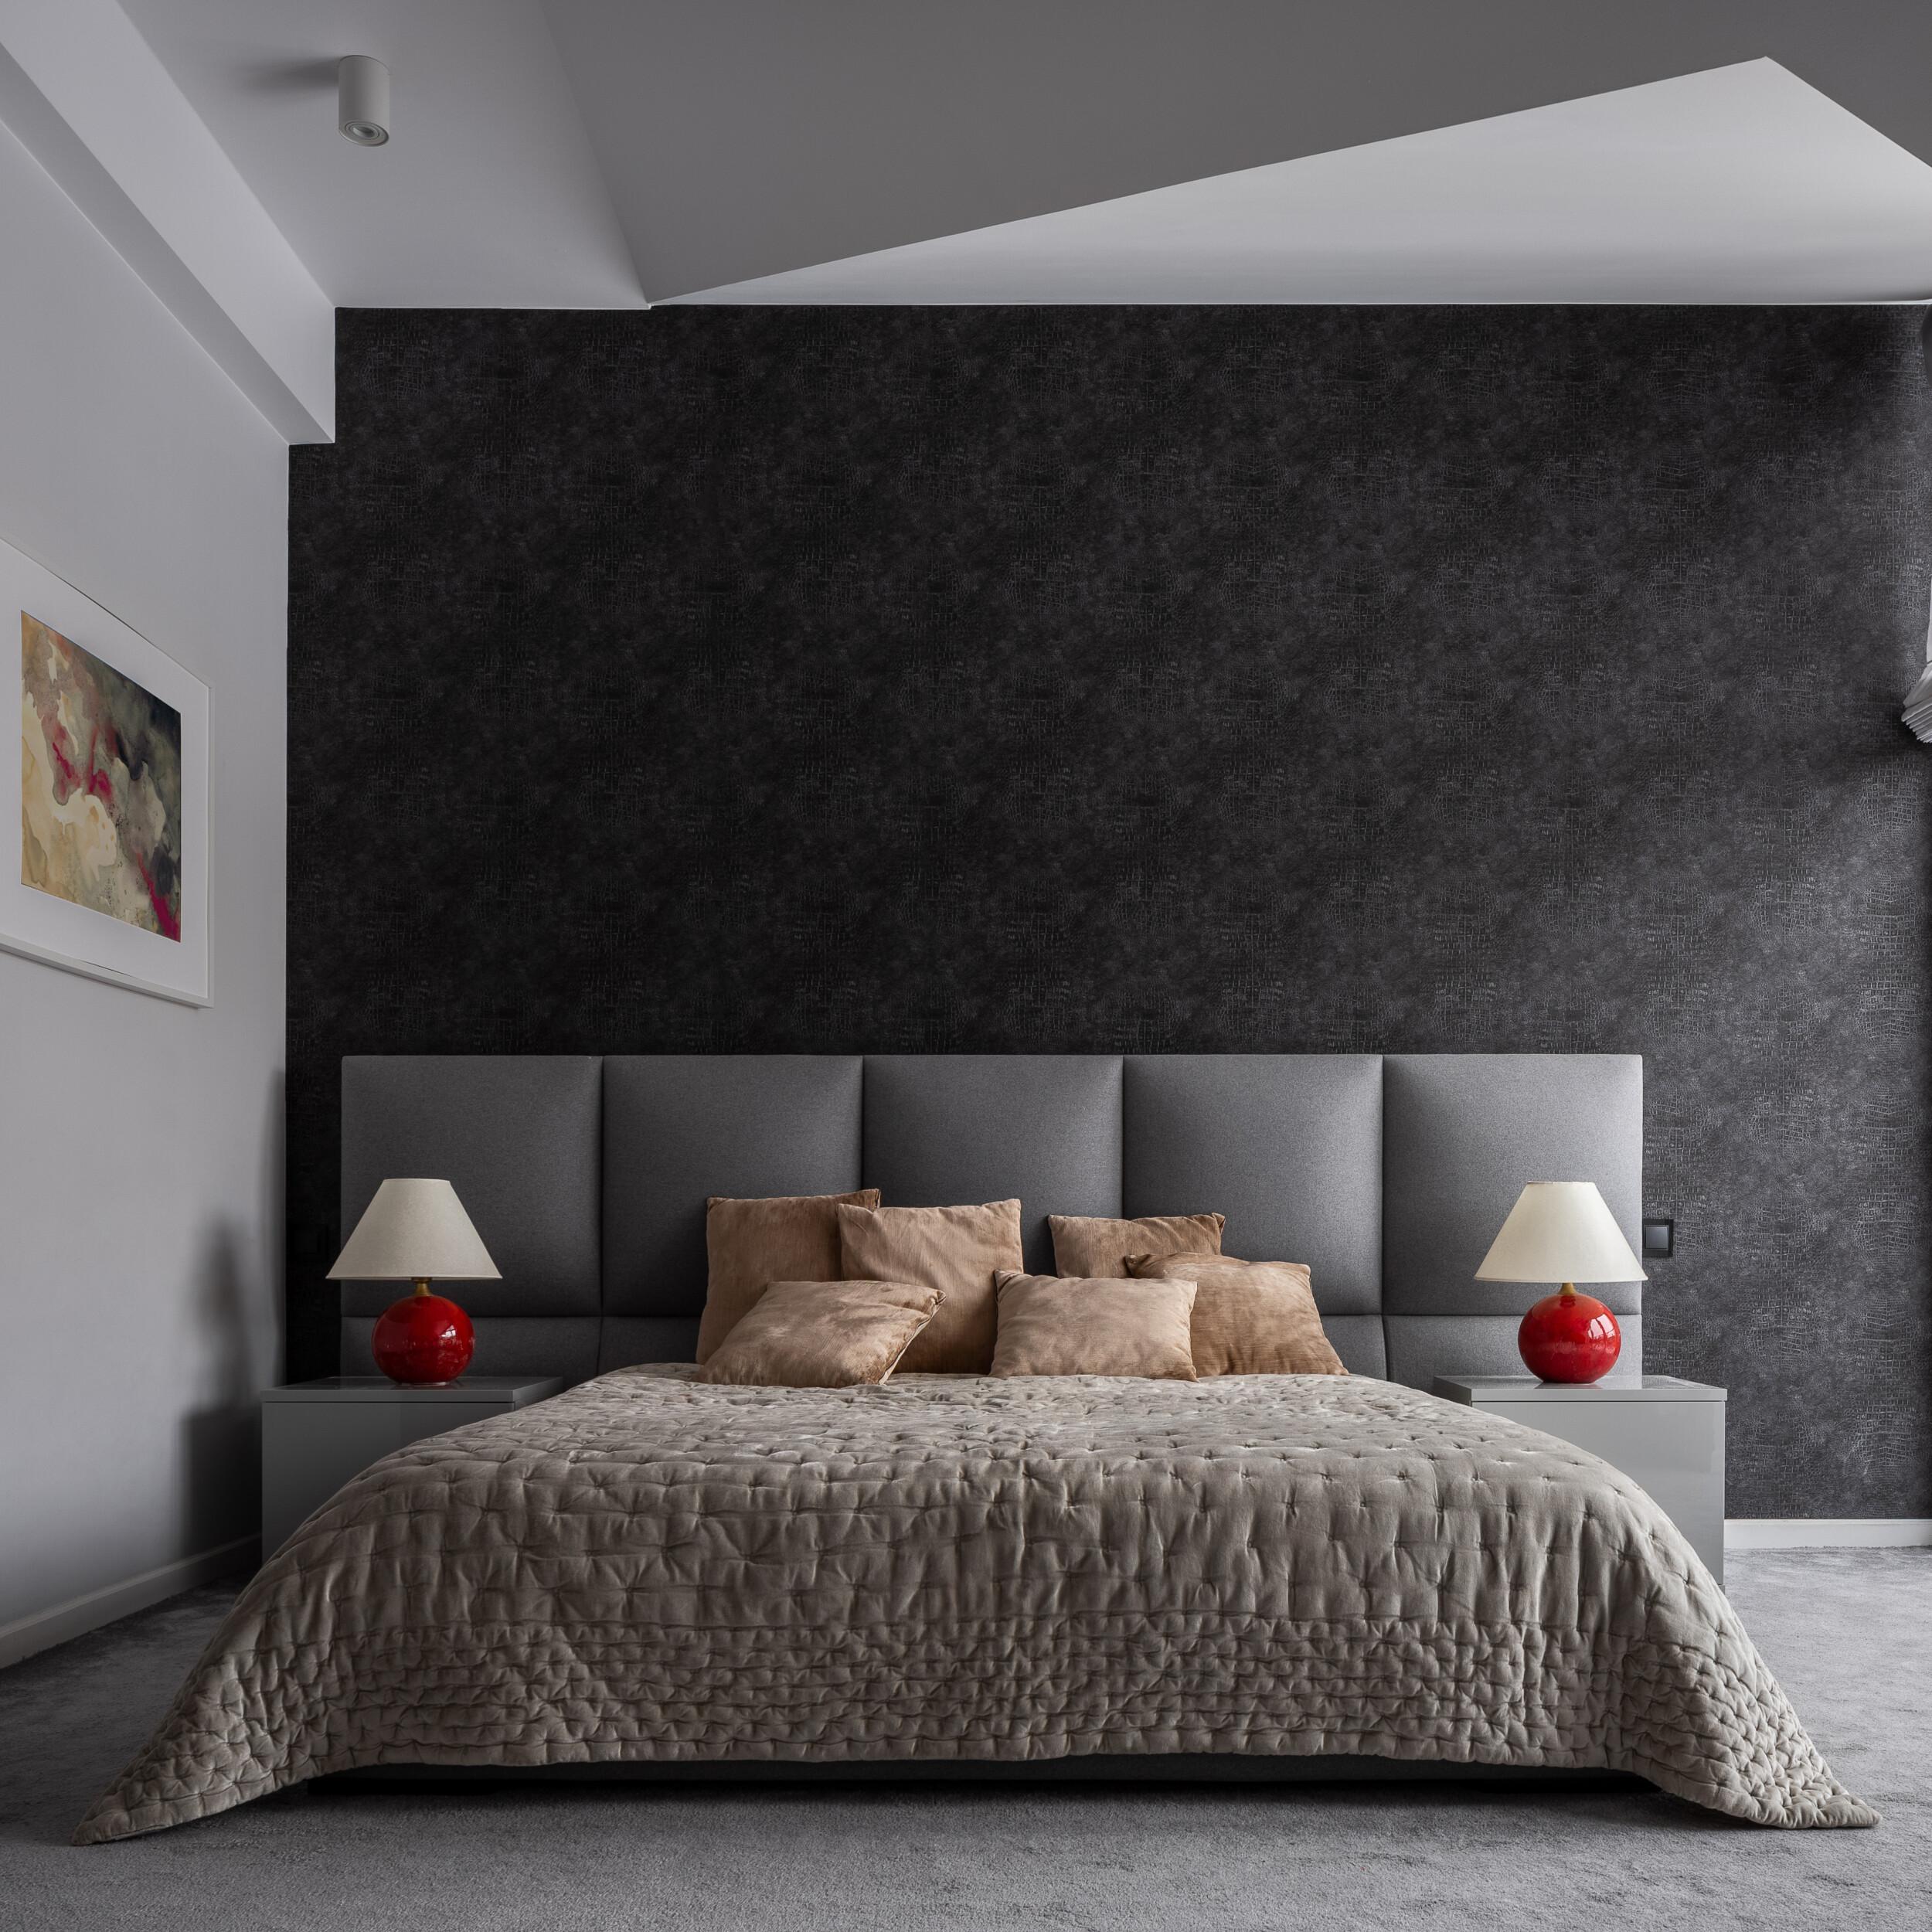 textured bedroom wallpaper